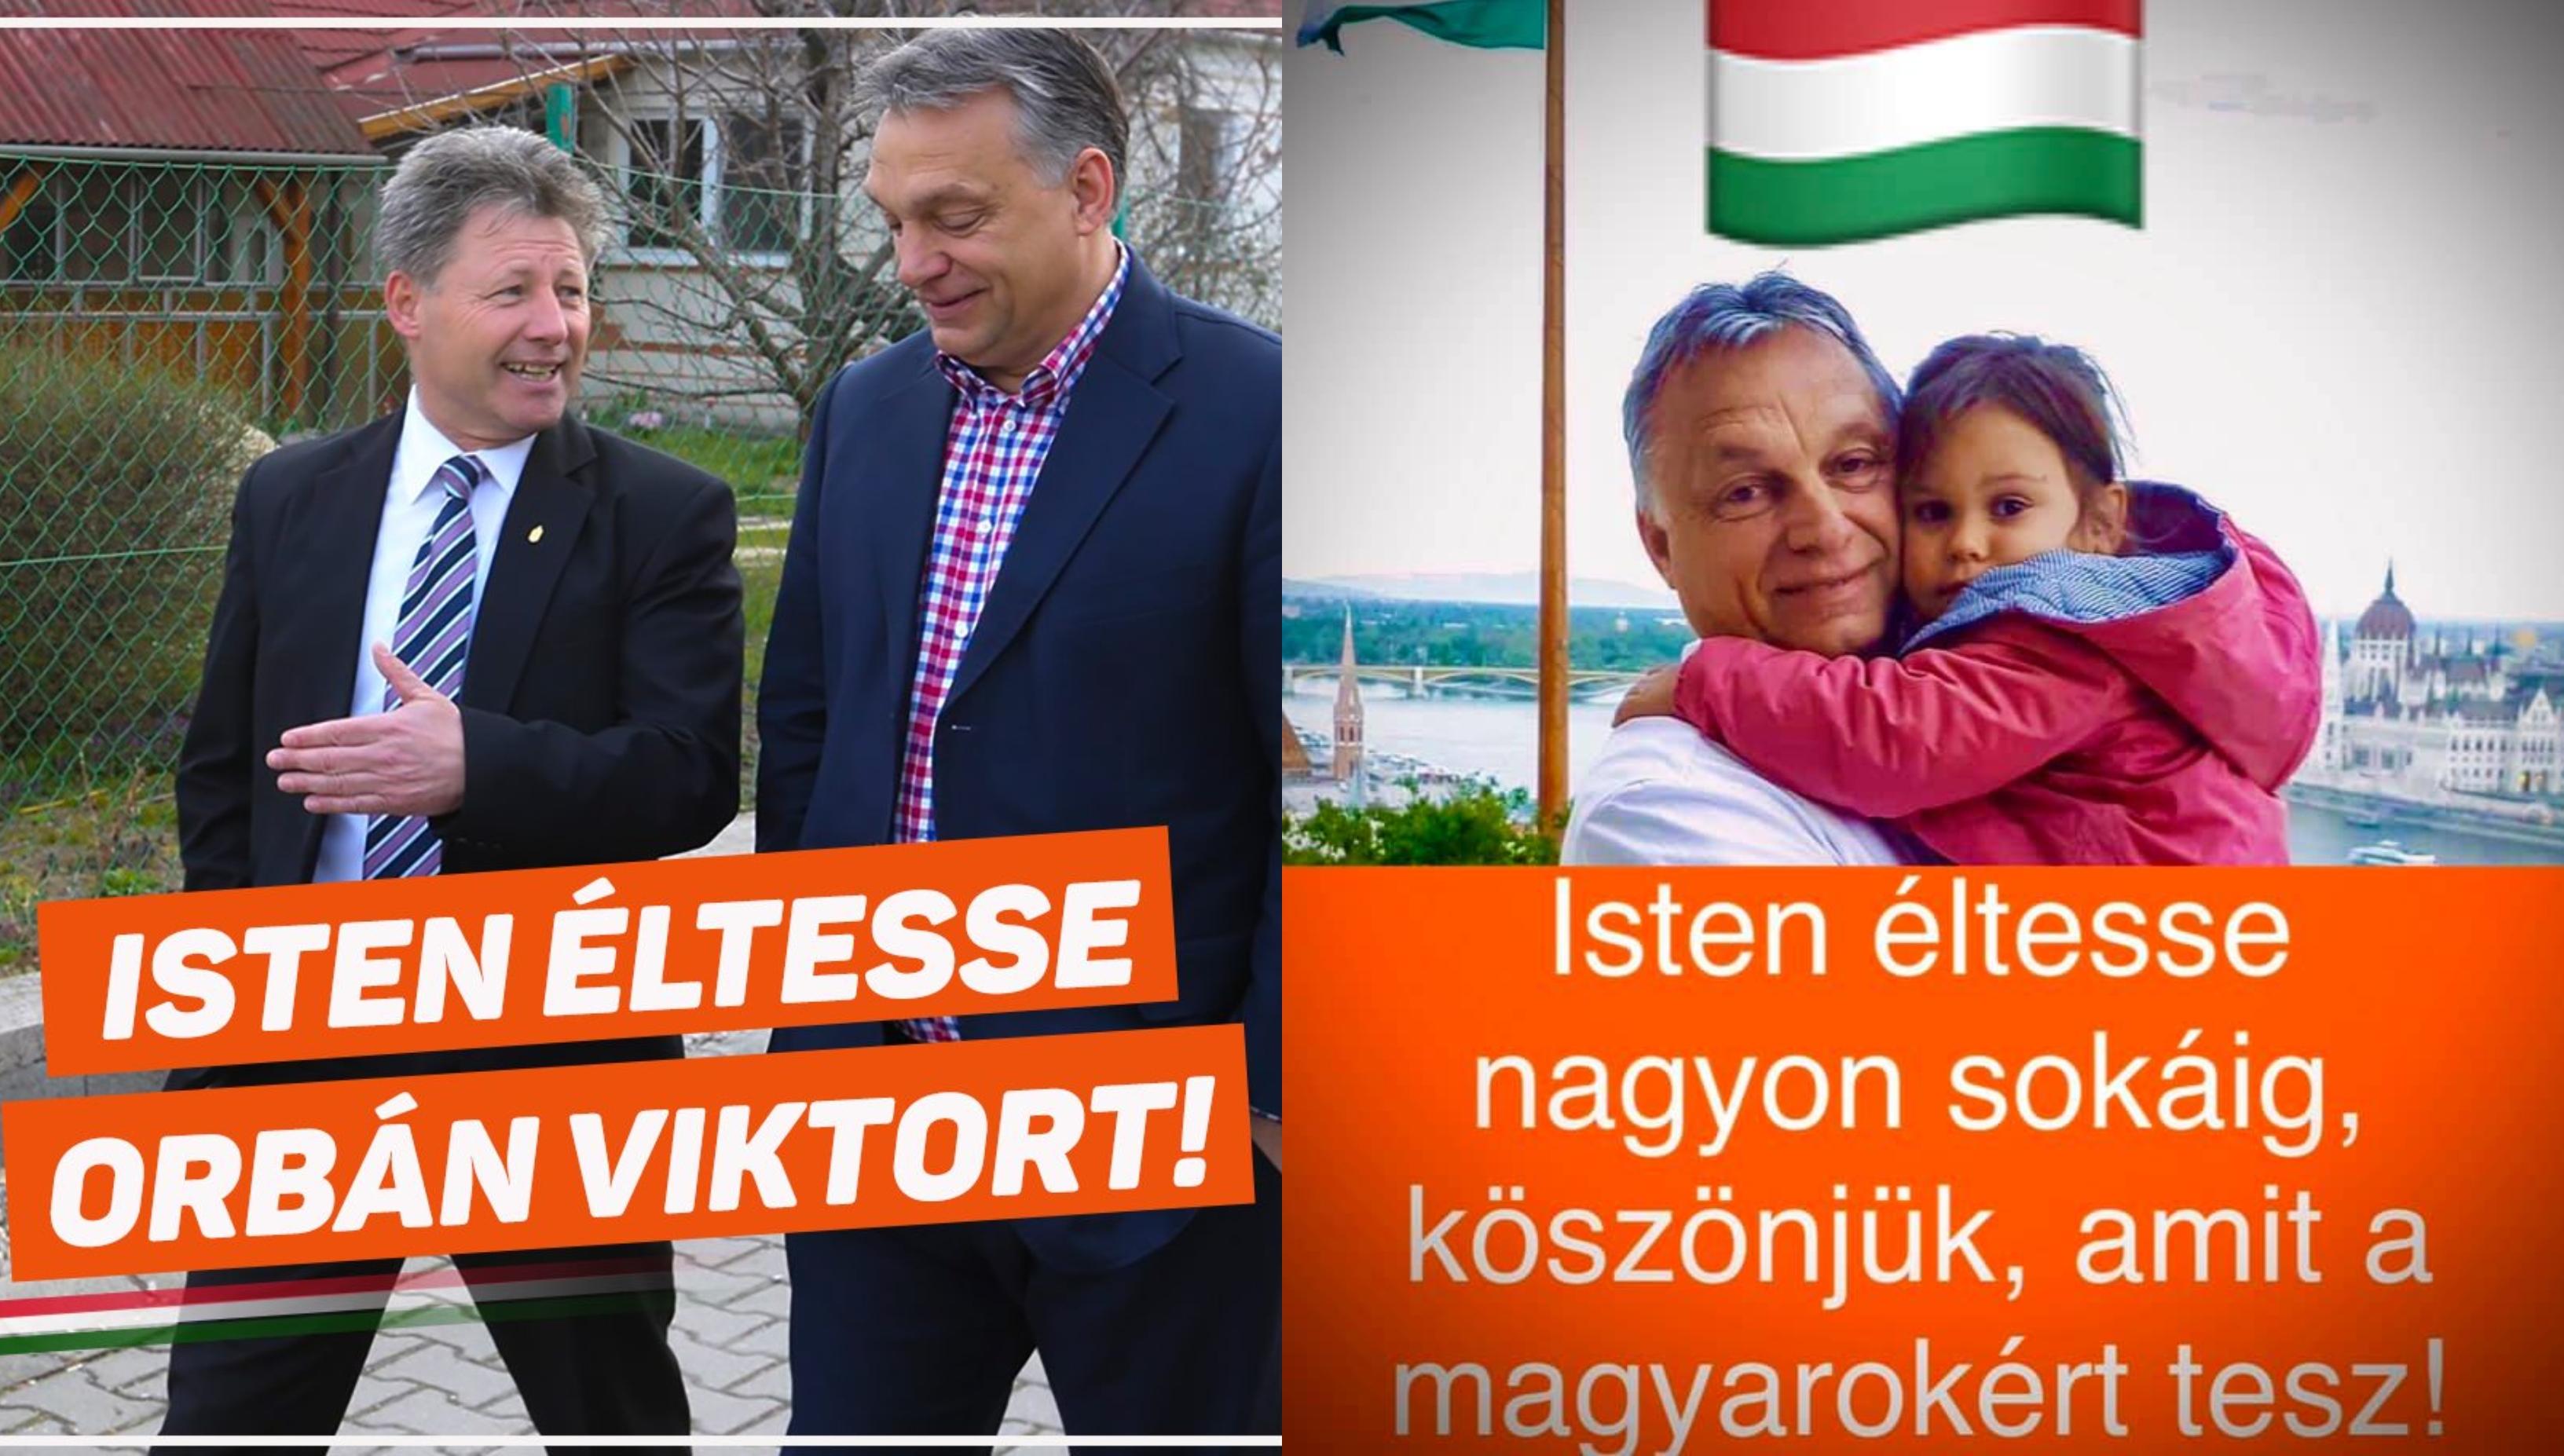 Gyönyörű szépen felköszöntötték miniszterelnök urat a fideszes képviselők